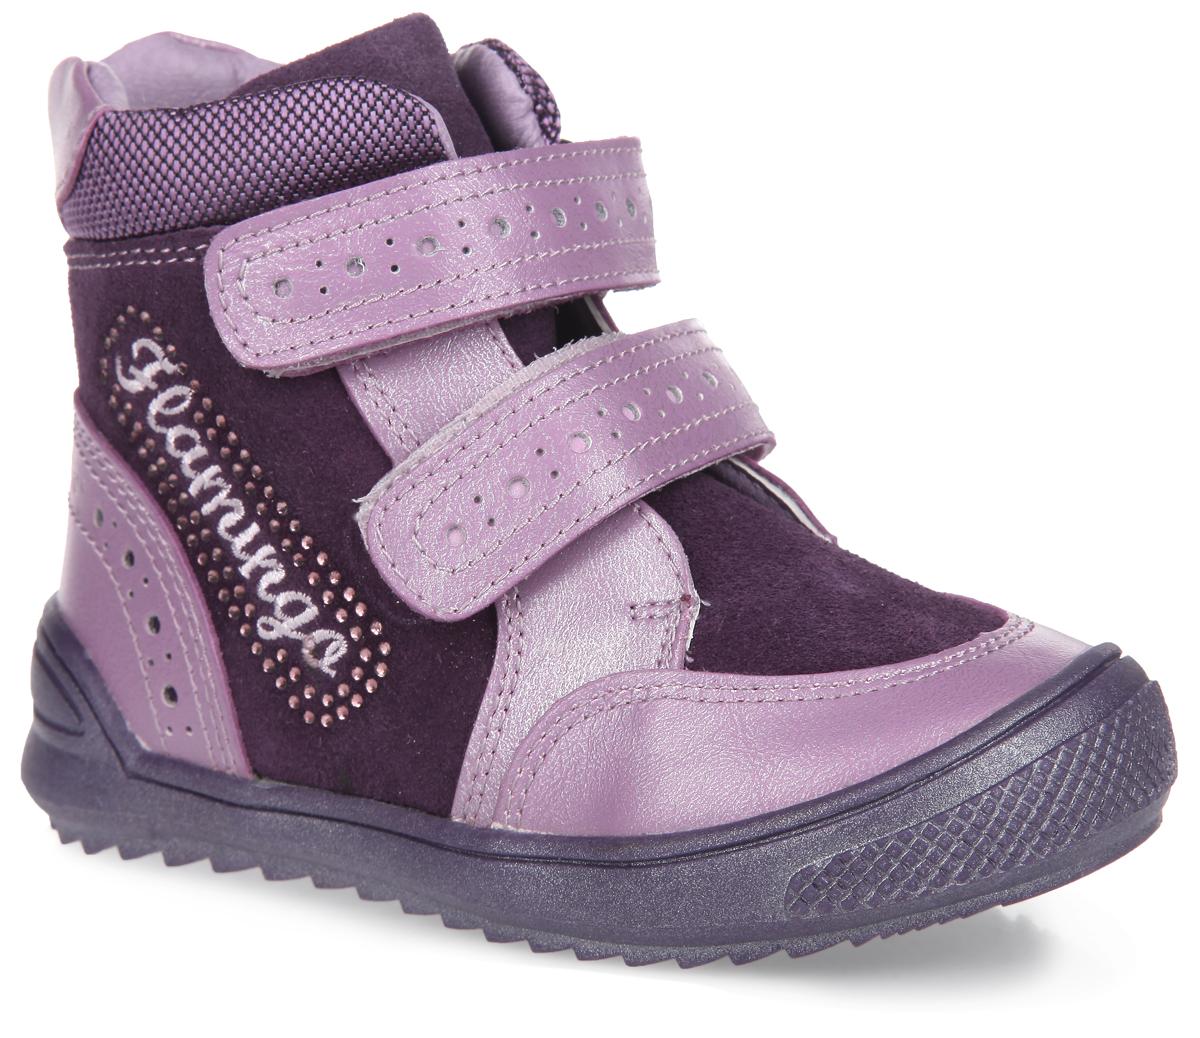 Ботинки для девочки. 52-XB12652-XB126Комфортные, стильные ботинки Flamingo придутся по душе вашей дочурке! Модель изготовлена из искусственной кожи со вставками из замши. Подкладка и стелька, исполненные из шерстяной байки, согреют ножки в холодную погоду. Обувь оформлена декоративной перфорацией на застежках и в области пятки. Ремешки с застежками-липучками, расположенные на подъеме, надежно зафиксируют модель на ноге. Уплотненная часть на заднике защищает детскую стопу от ударов при ходьбе. Кант дополнен вставкой из текстиля. Сбоку изделие украшено декоративной вышивкой в виде логотипа бренда, инкрустированной стразами. Ботинки застегиваются на застежку-молнию, расположенную на одной из боковых сторон. Подошва с протектором гарантирует идеальное сцепление на любой поверхности. Модные ботинки займут достойное место в гардеробе вашего ребенка.